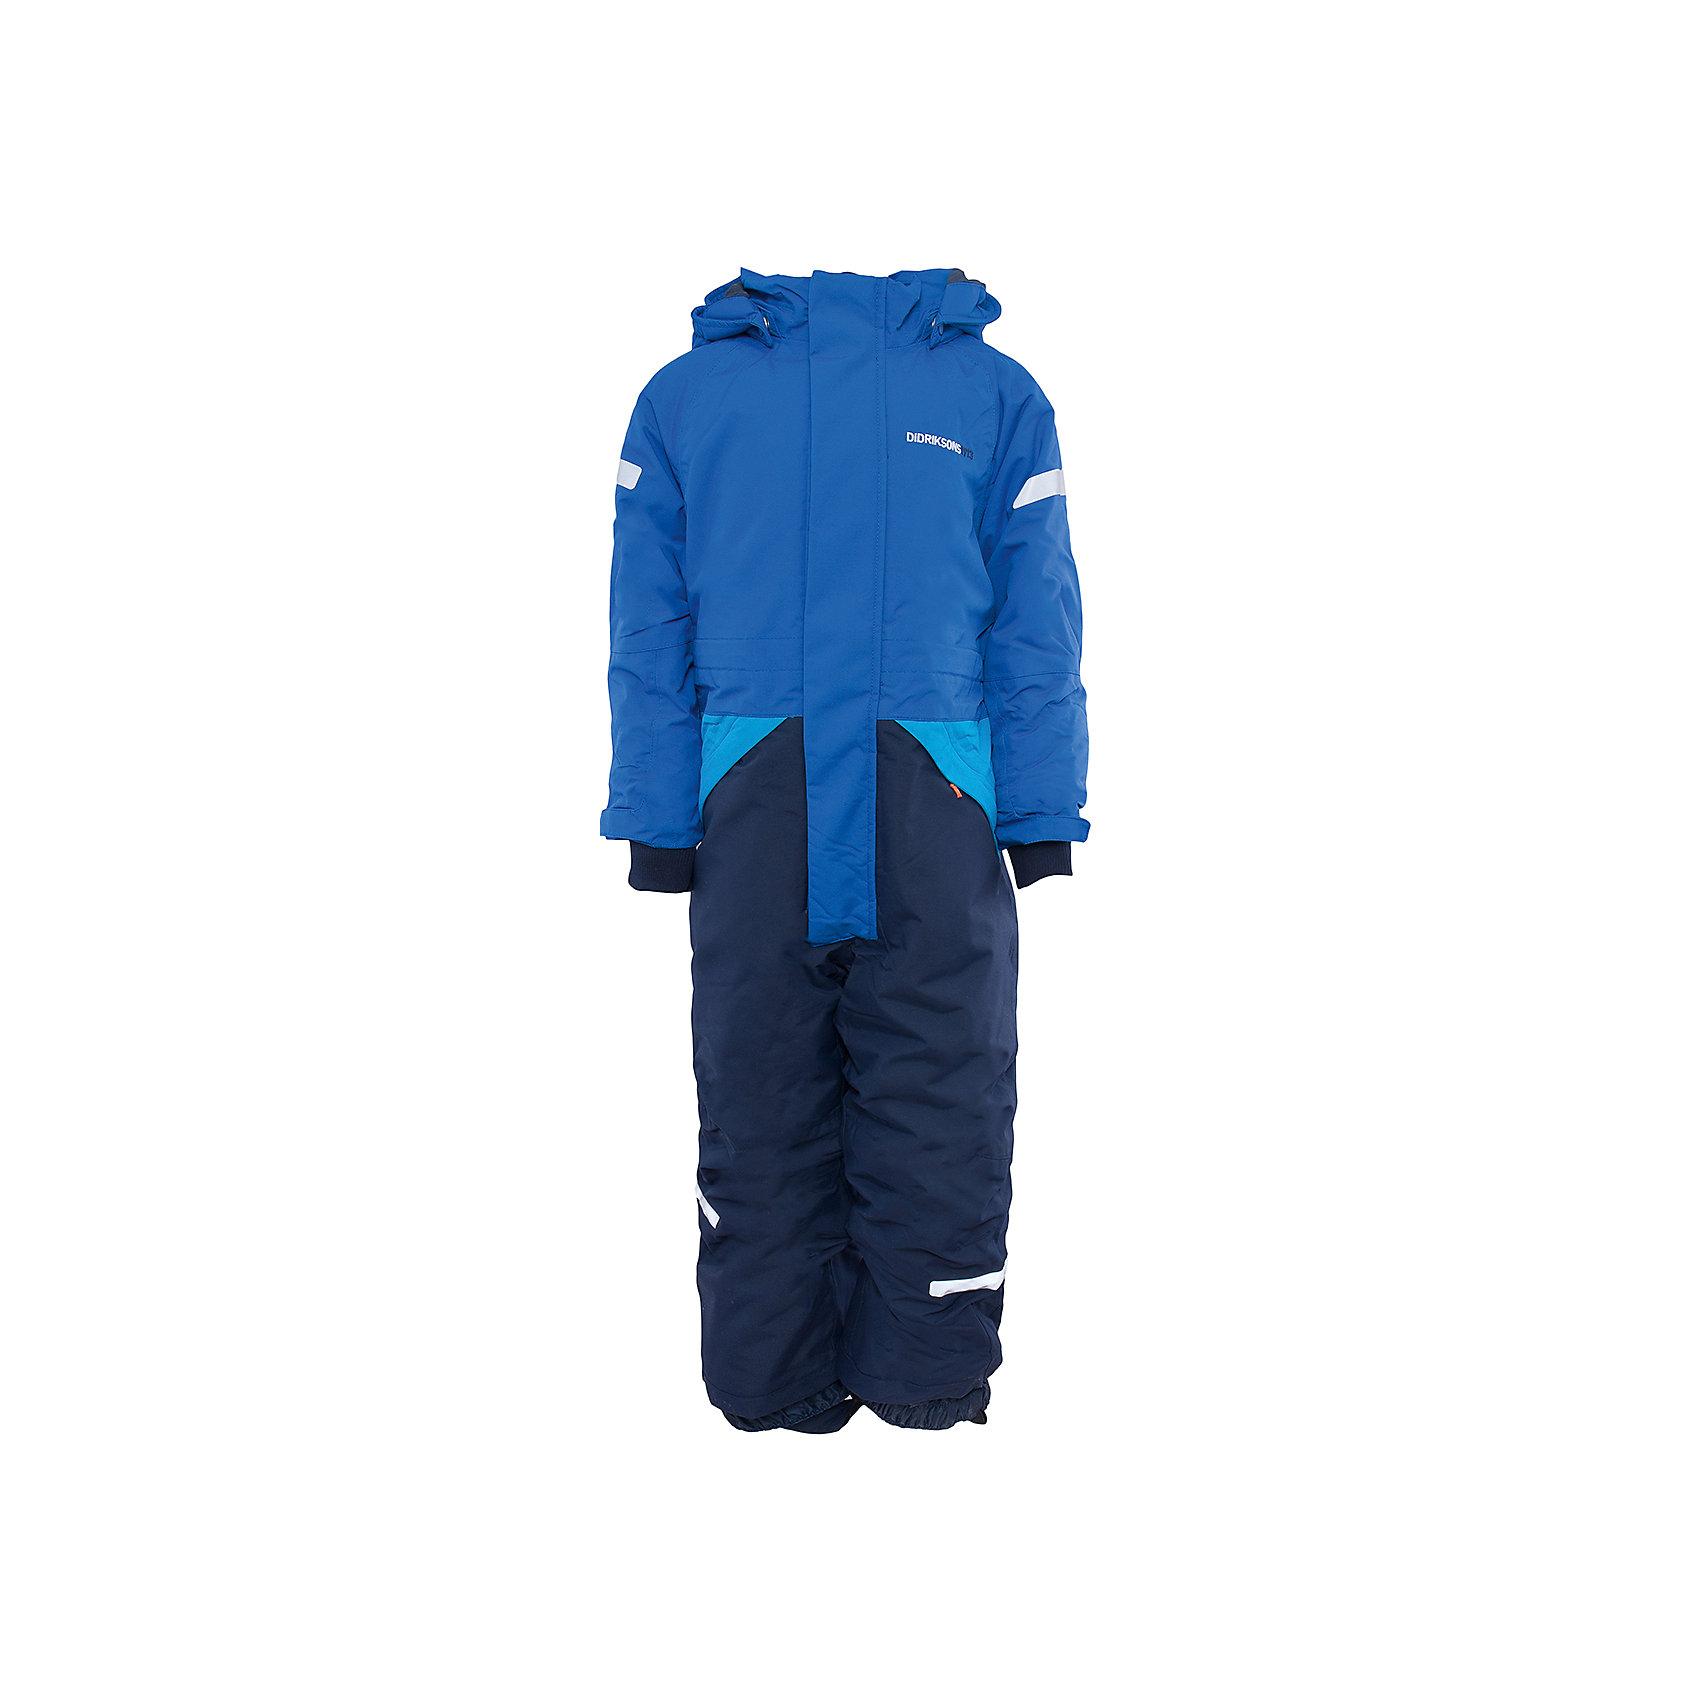 Комбинезон Tjarve для мальчика DIDRIKSONSВерхняя одежда<br>Характеристики товара:<br><br>• цвет: синий<br>• материал: 100% полиамид, подкладка 100% полиэстер<br>• утеплитель: 140 г/м<br>• сезон: зима<br>• температурный режим от +5 до -15С<br>• непромокаемая и непродуваемая мембранная ткань<br>• резинки для ботинок<br>• дополнительная пропитка верха<br>• прокленные швы<br>• регулируемый съемный капюшон<br>• талия, манжеты и ширина брючины регулируется<br>• внутренние гетры<br>• внутренние трикотажные манжеты<br>• фронтальная молния под планкой<br>• светоотражающие детали<br>• можно увеличить длину рукавов и штанин на один размер <br>• страна бренда: Швеция<br>• страна производства: Китай<br><br>Такой комбинезон незаменим зимой! Это не только стильно, но еще и очень комфортно, а также тепло. Он обеспечит ребенку удобство при прогулках и активном отдыхе зимой. Комбинезон от шведского производителя легко трансформируется под рост ребенка и погодные условия.<br>Модель сшита из мембранной ткани, которая позволяет телу дышать, но при этом не промокает и не продувается. Очень стильная и удобная модель! Изделие качественно выполнено, сделано из безопасных для детей материалов. <br><br>Комбинезон для мальчика от бренда DIDRIKSONS можно купить в нашем интернет-магазине.<br><br>Ширина мм: 356<br>Глубина мм: 10<br>Высота мм: 245<br>Вес г: 519<br>Цвет: синий<br>Возраст от месяцев: 12<br>Возраст до месяцев: 15<br>Пол: Мужской<br>Возраст: Детский<br>Размер: 80,110,100,120,130,90<br>SKU: 5003942